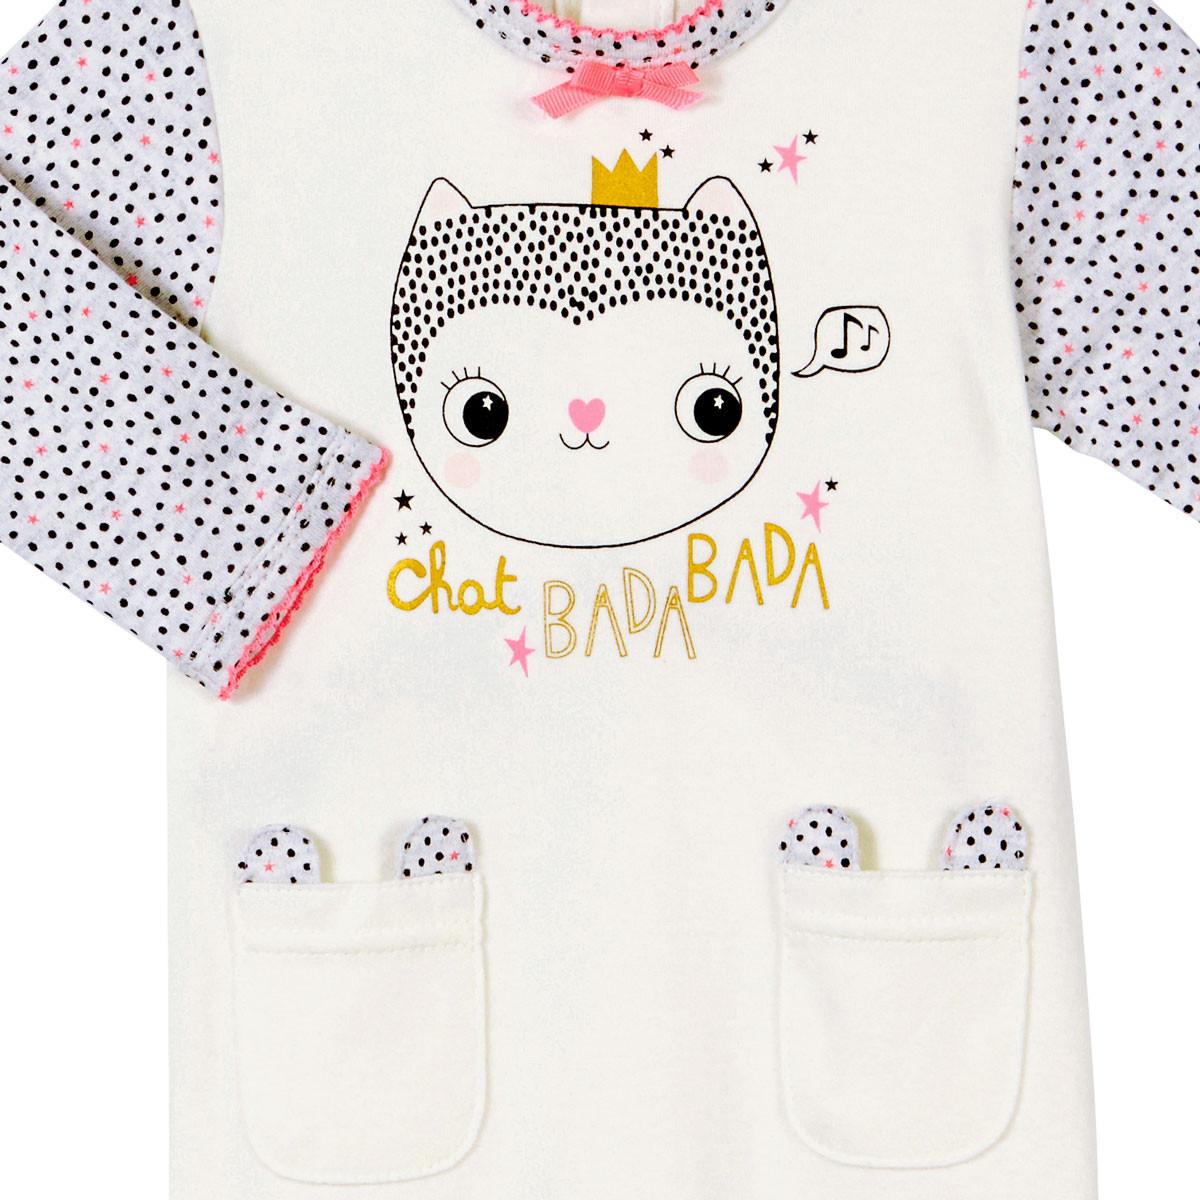 Pyjama bébé fille Chatbada zoom sur les poches